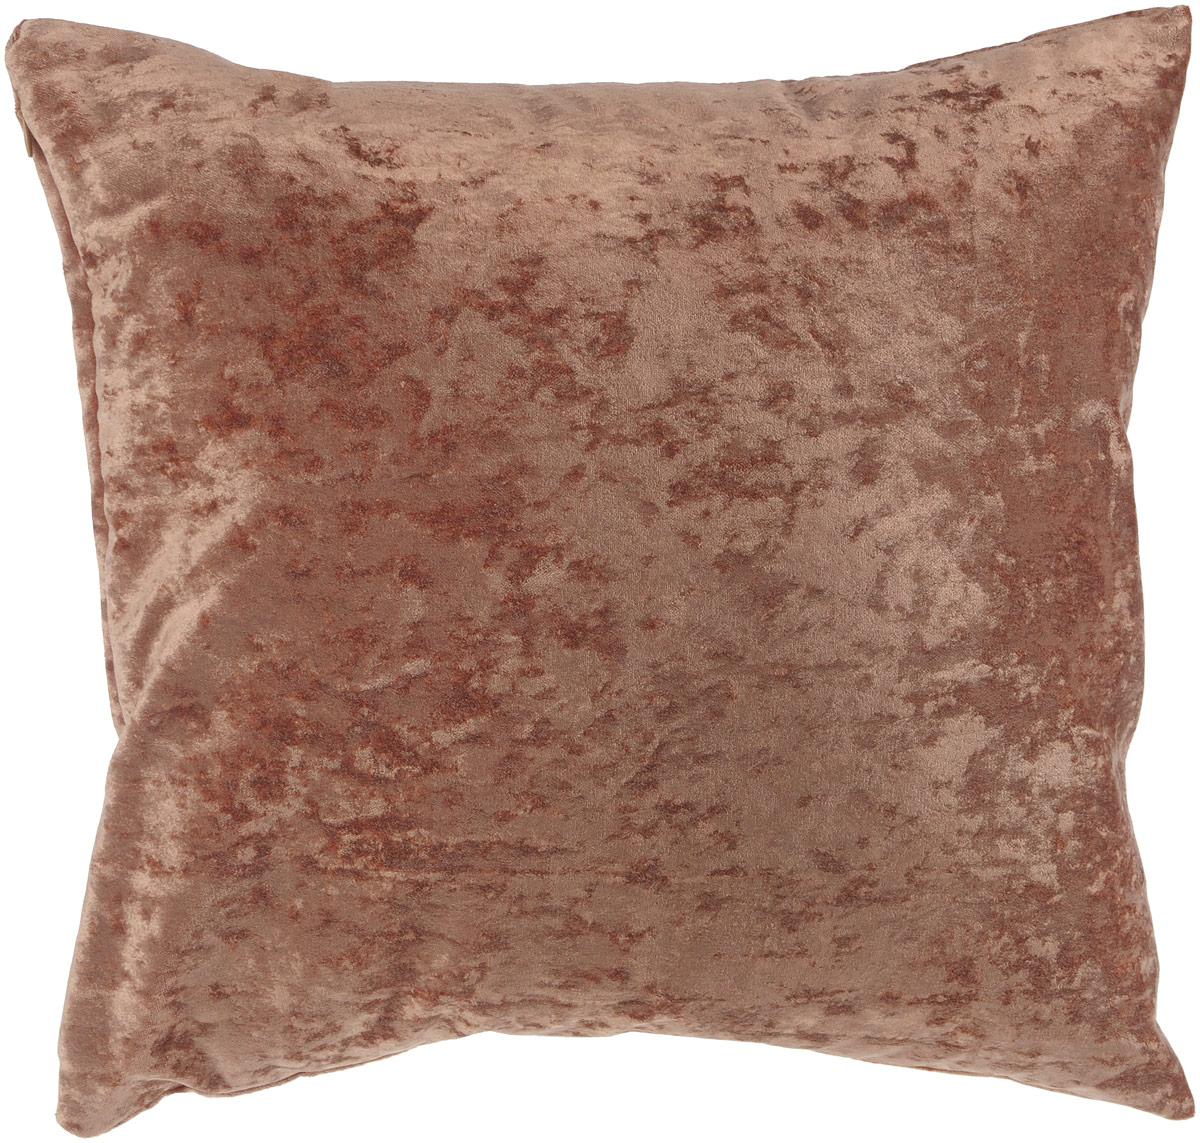 Подушка декоративная KauffOrt Бархат, цвет: коричневый, 40 x 40 смCLP446Декоративная подушка Бархат прекрасно дополнит интерьер спальни или гостиной. Бархатистый на ощупь чехол подушки выполнен из 49% вискозы, 42% хлопка и 9% полиэстера. Внутри находится мягкий наполнитель. Чехол легко снимается благодаря потайной молнии.Красивая подушка создаст атмосферу уюта и комфорта в спальне и станет прекрасным элементом декора.